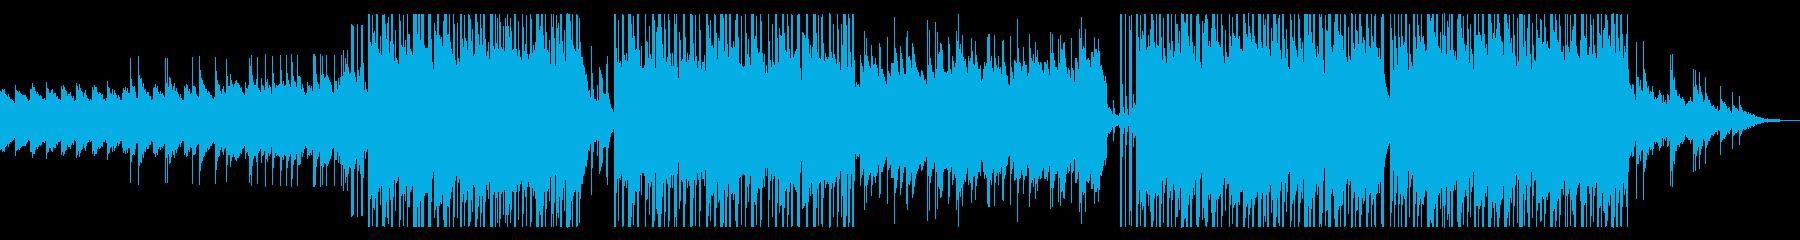 和風/三味線/京都/テンポのいいポップの再生済みの波形